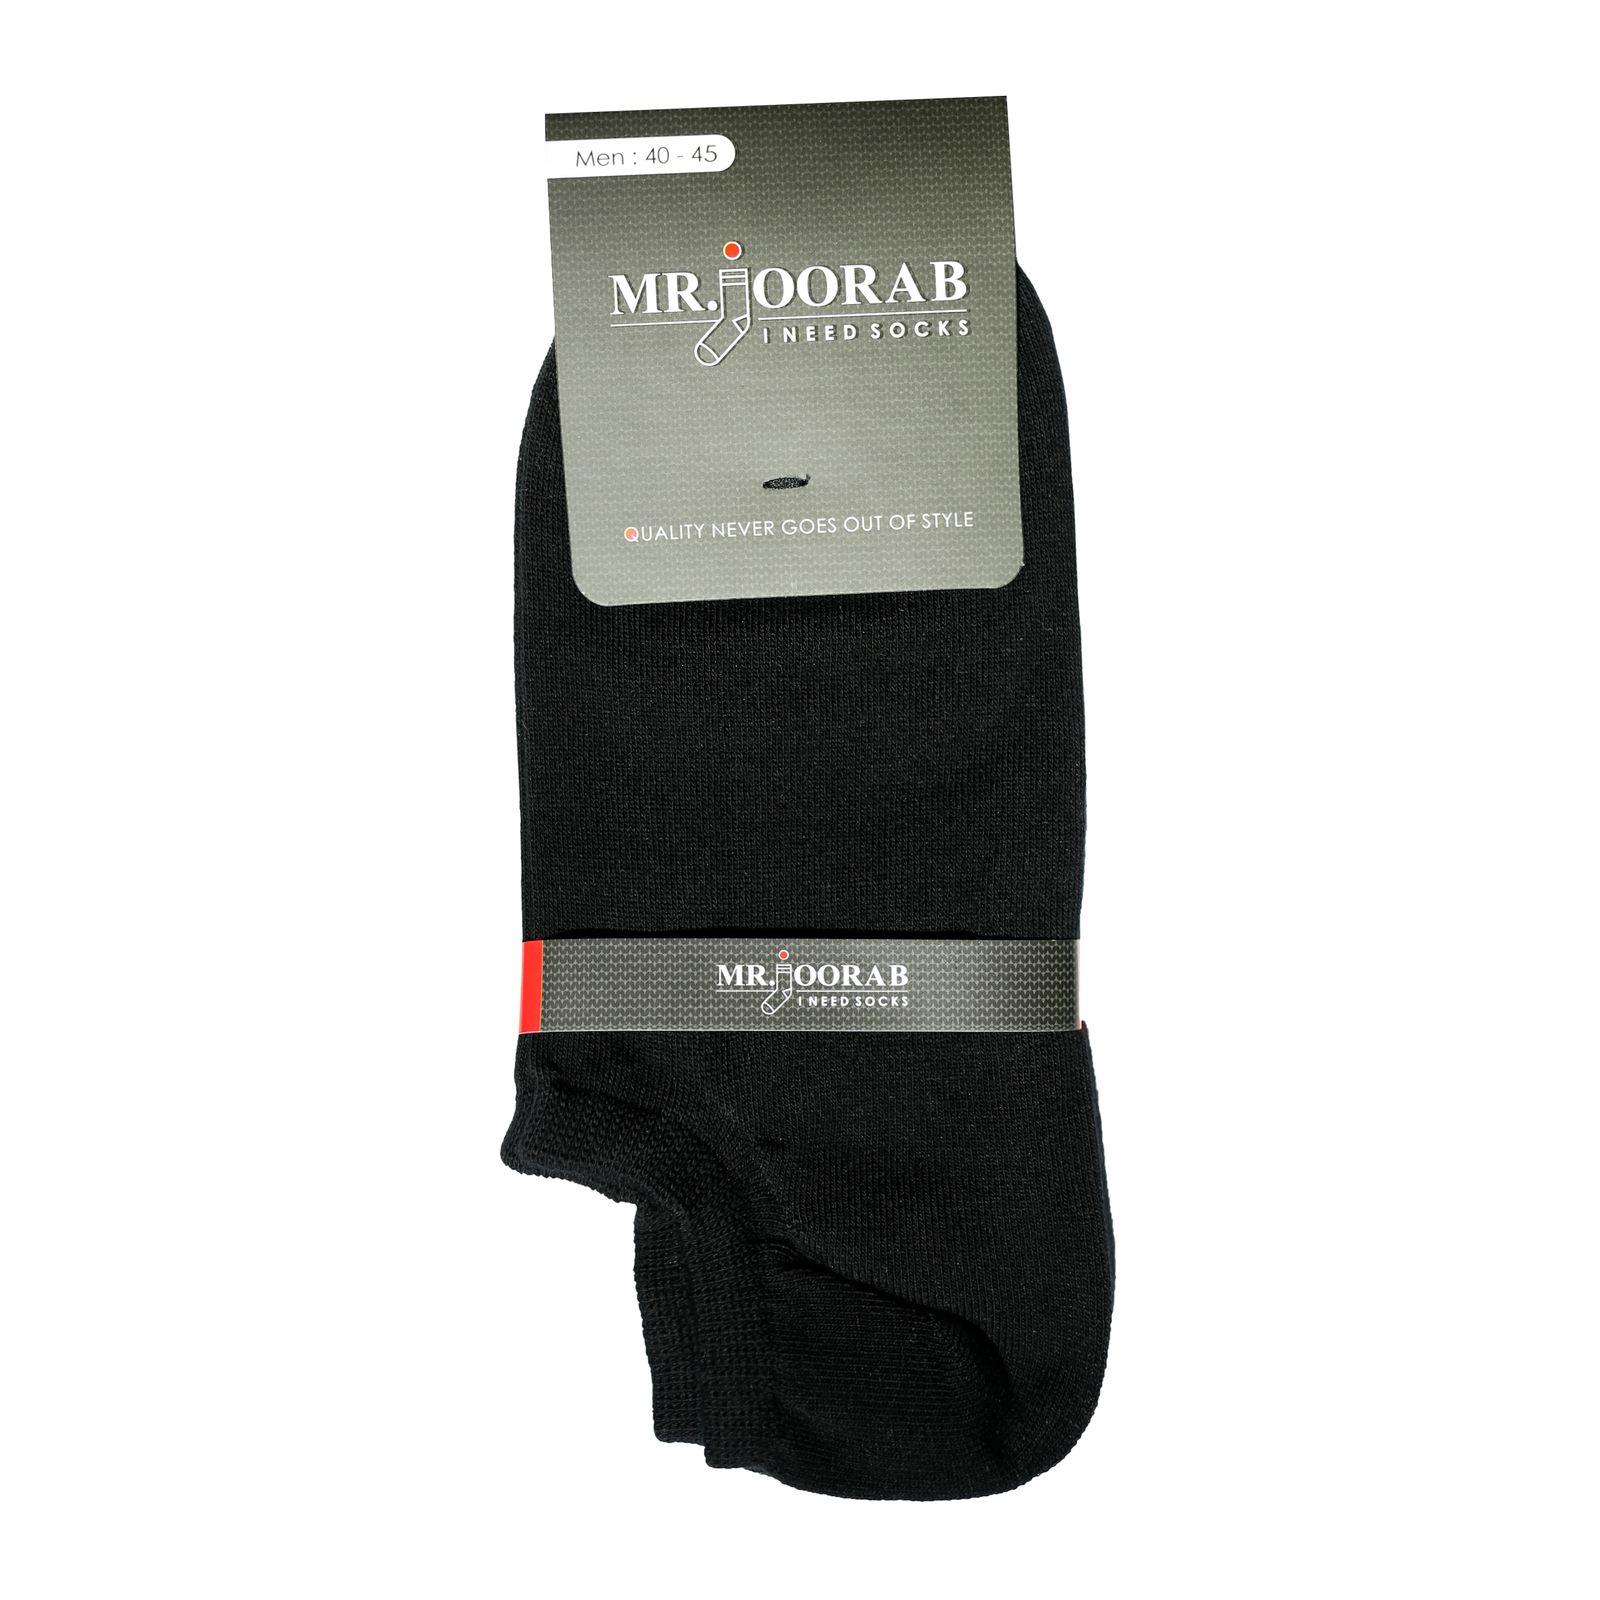 جوراب مردانه مستر جوراب کد BL-MRM 115 مجموعه 6 عددی -  - 3